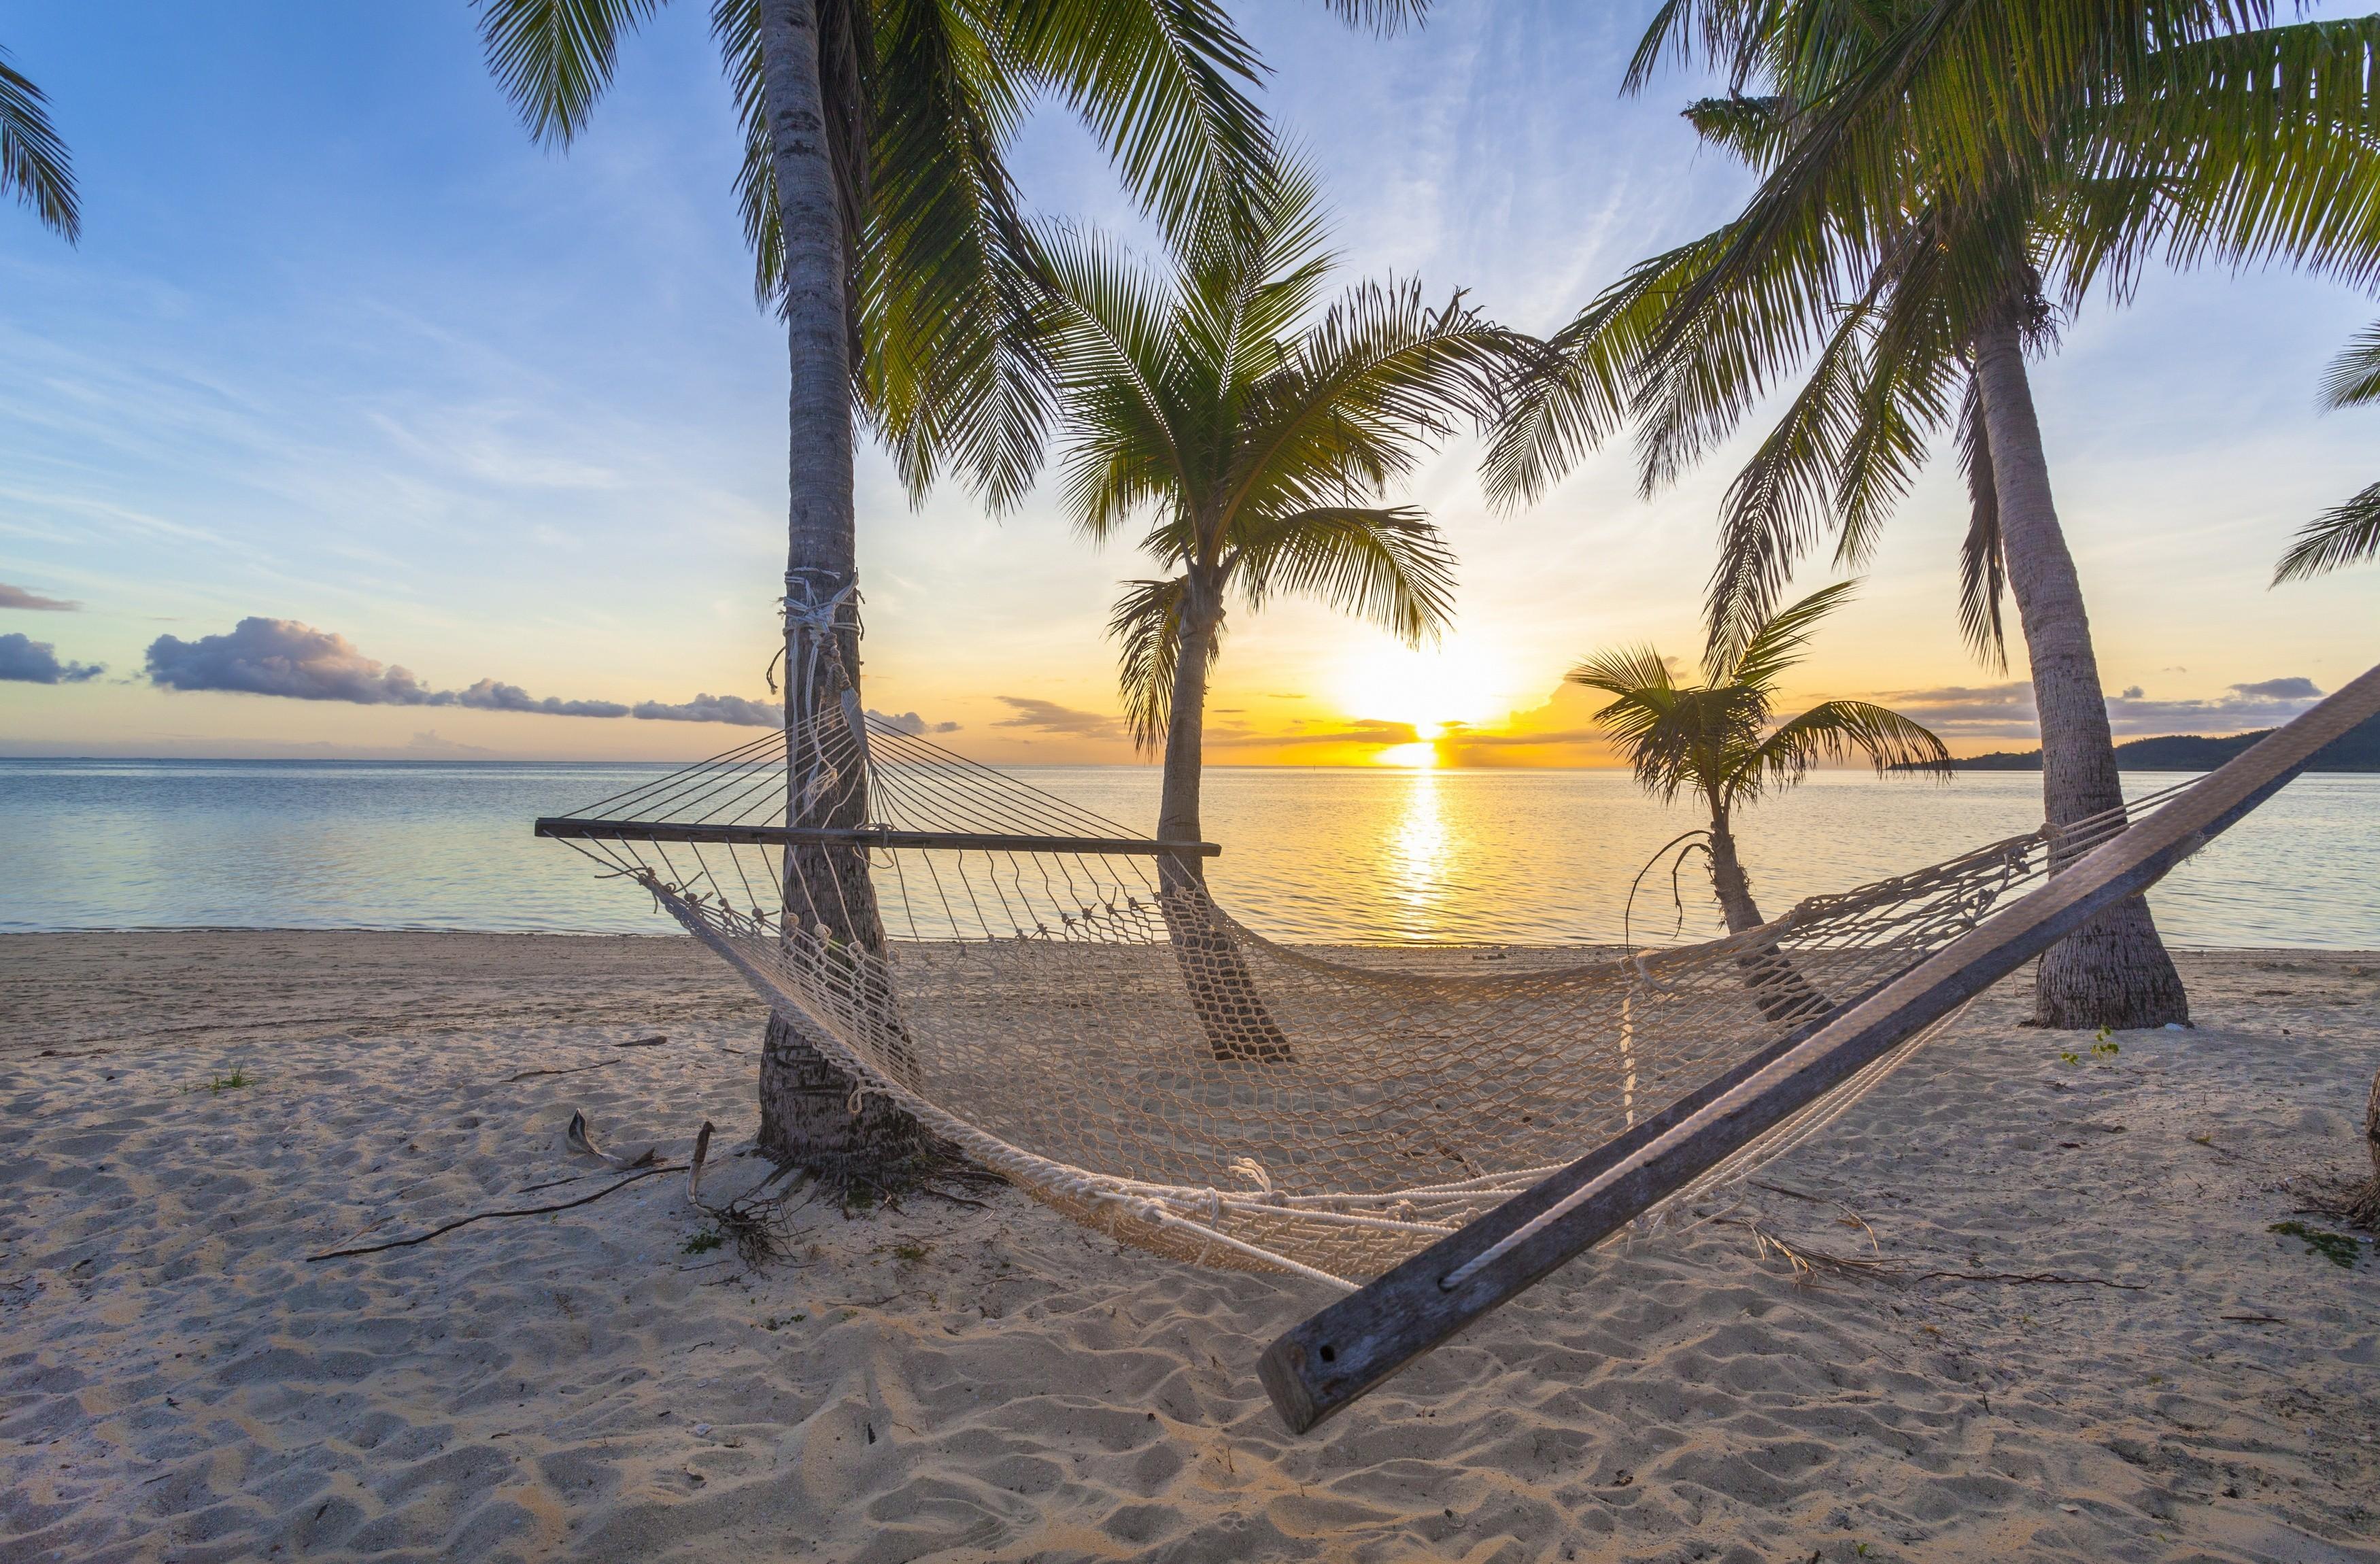 Tropical Fonds d'écran, Arrières-plan | 3500x2300 | ID:545610